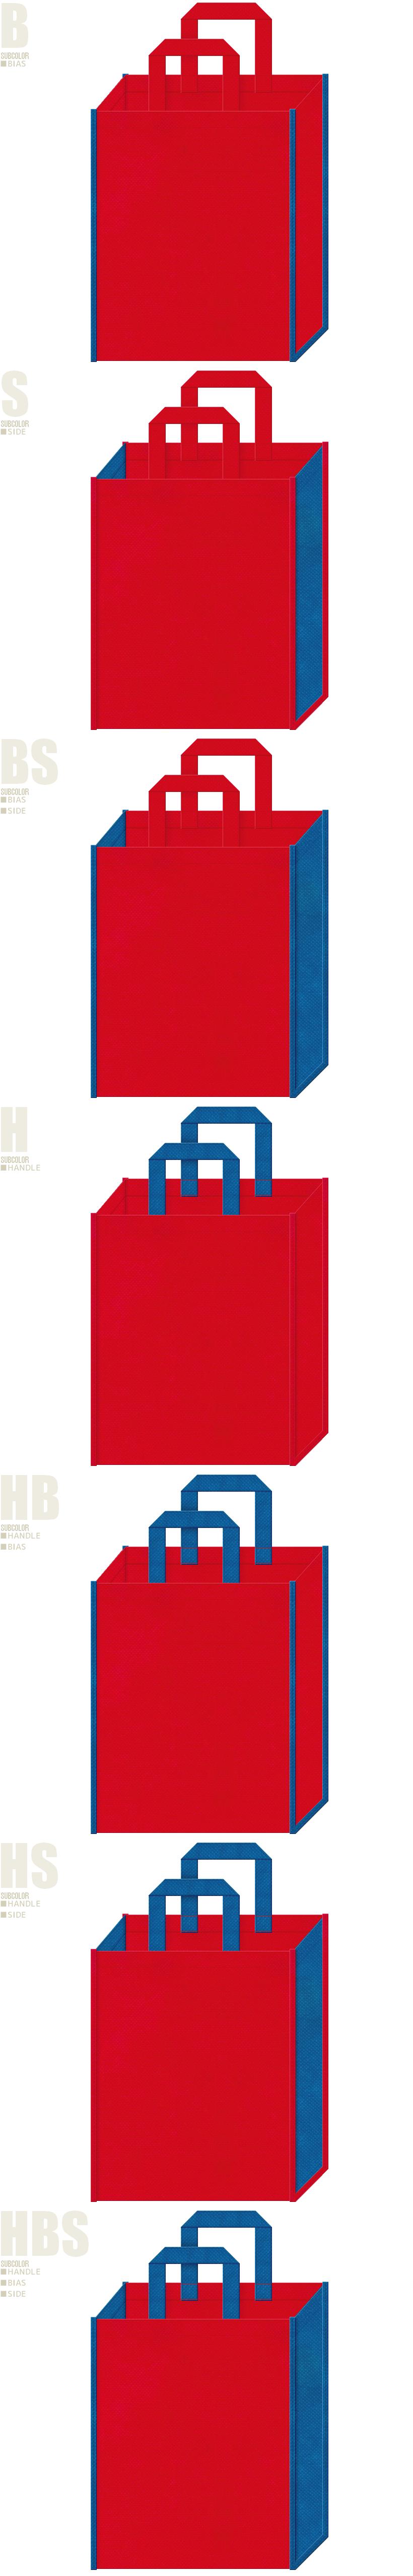 おもちゃ・テーマパーク・キッズイベントにお奨めの不織布バッグデザイン:紅色と青色の配色7パターン